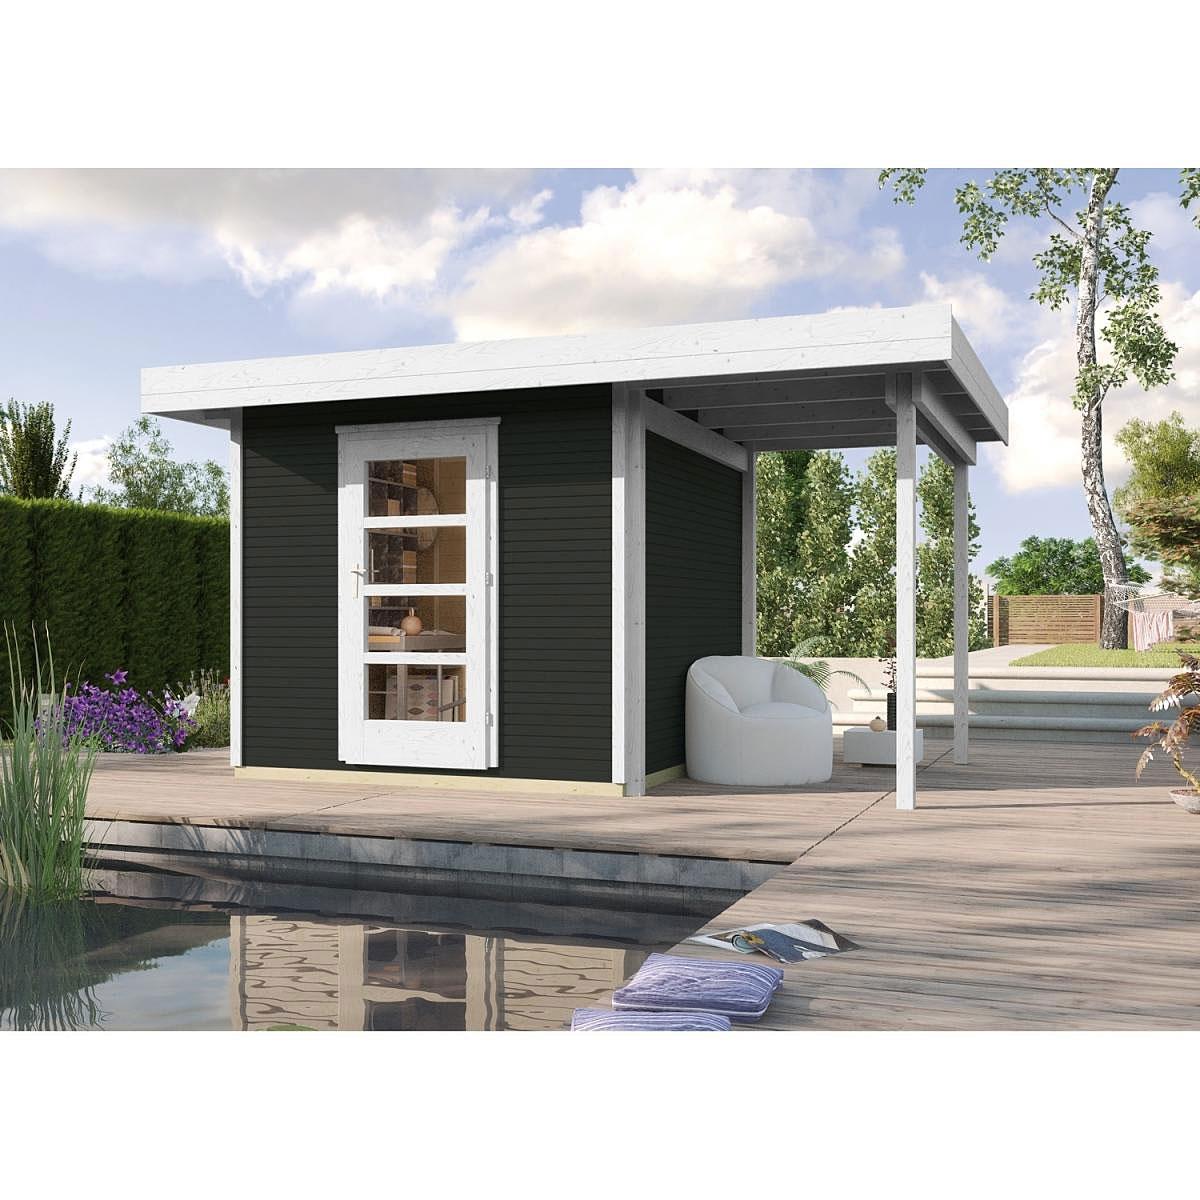 Weka Holz-Gartenhaus wekaLine Anthrazit 300 cm x 295 cm mit Anbau 150 cm